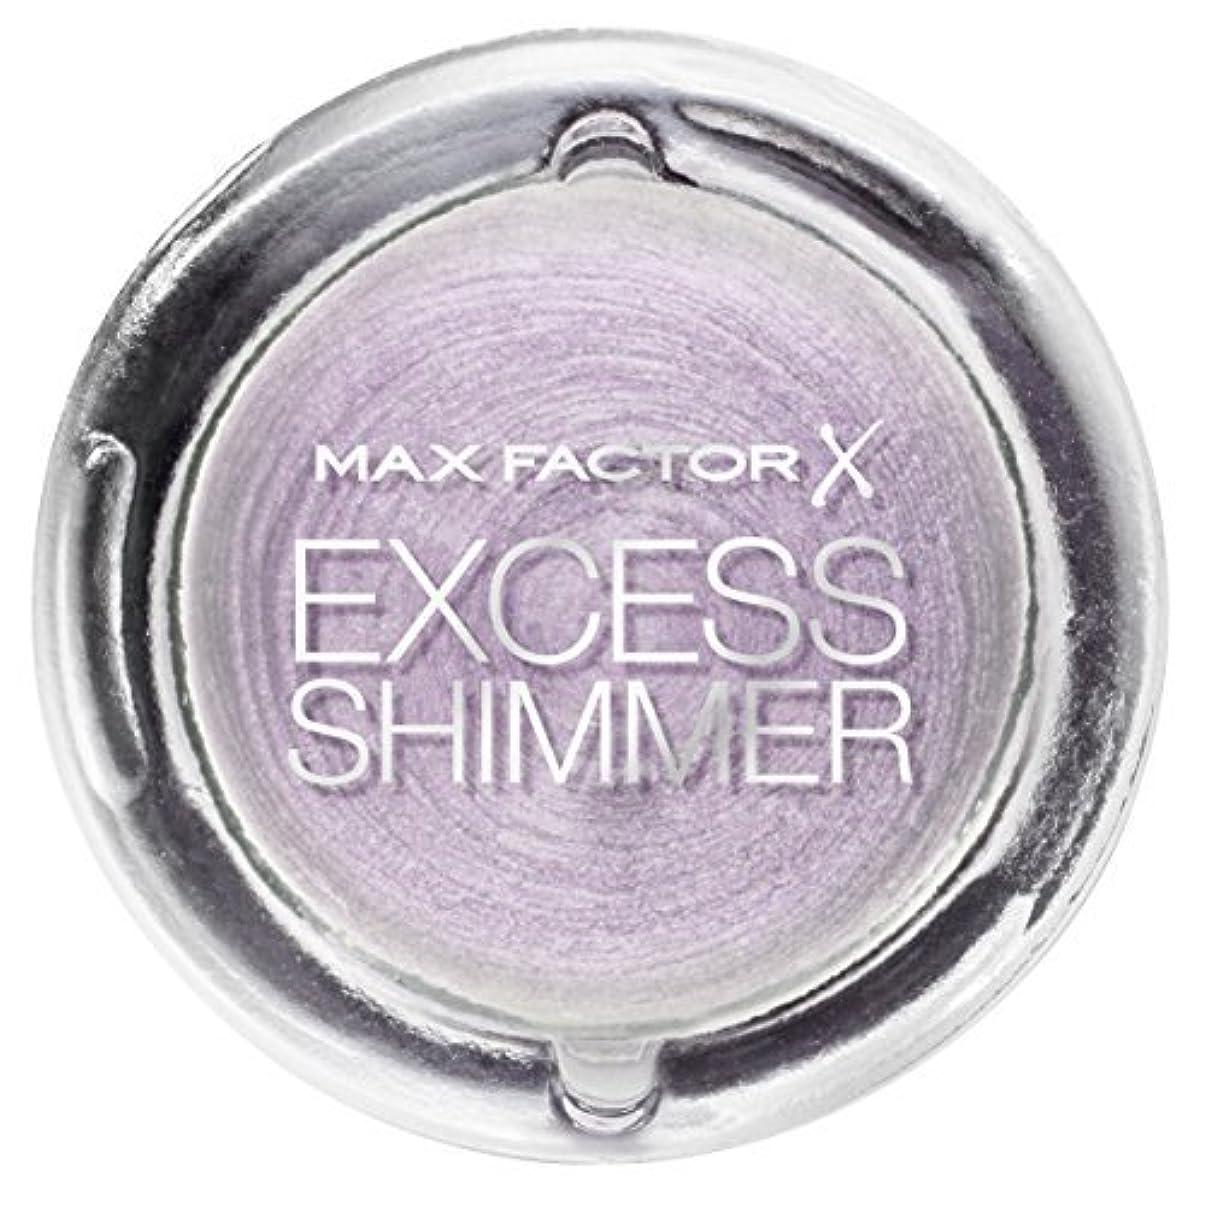 俳優自明合唱団Excess Shimmer Eyeshadow by Max Factor Pink Opal 15 by Max Factor